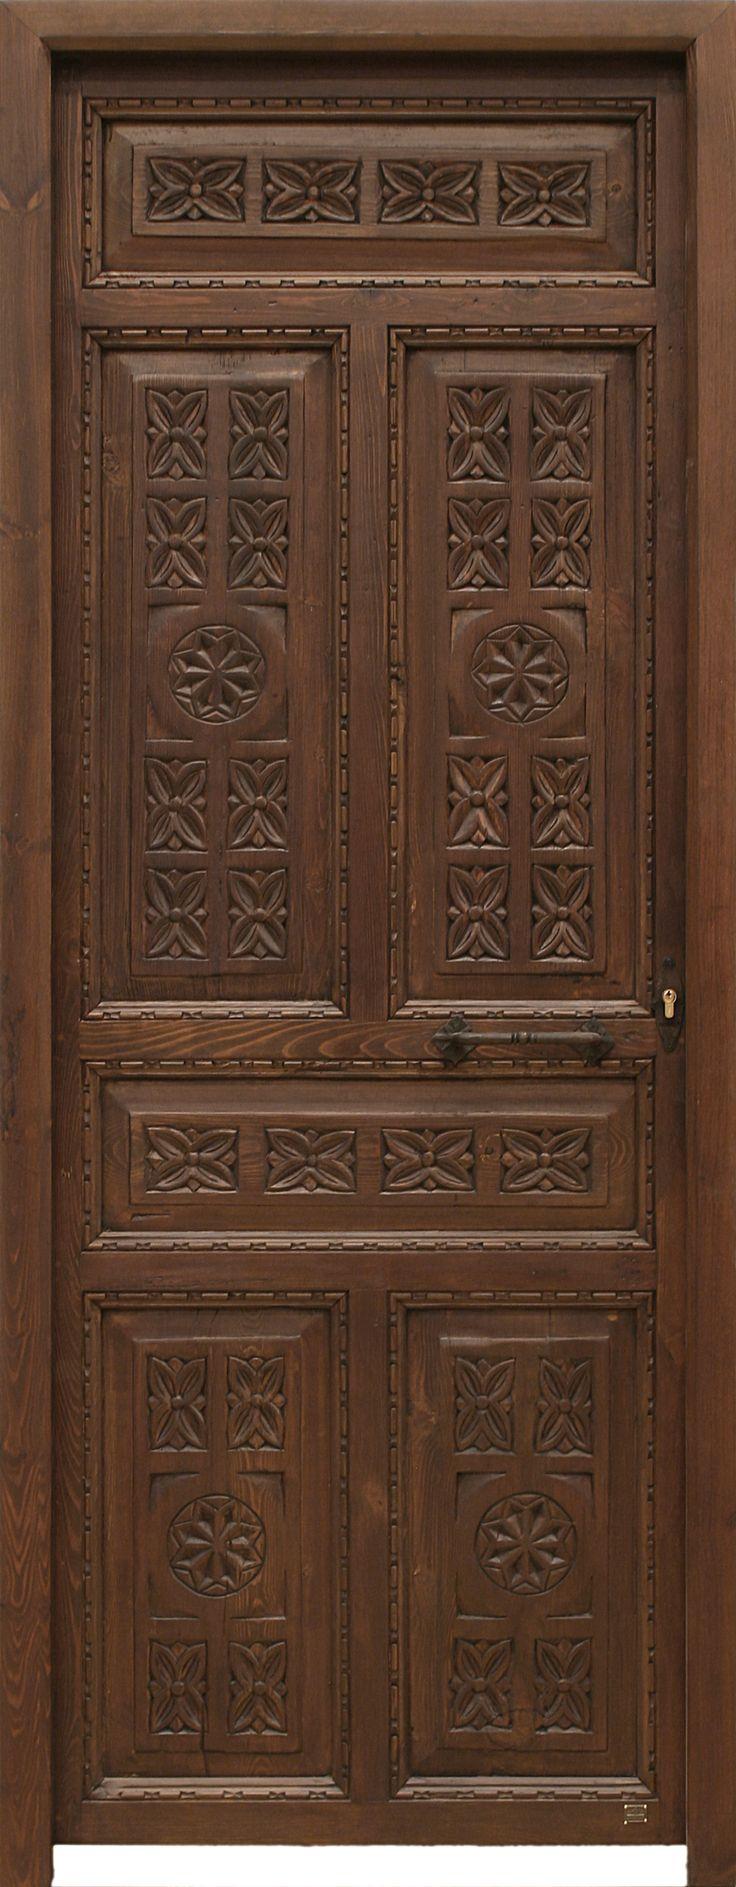 Conely   Puertas de madera, metal y forja, rústicas, artesanales. .#puerta #door